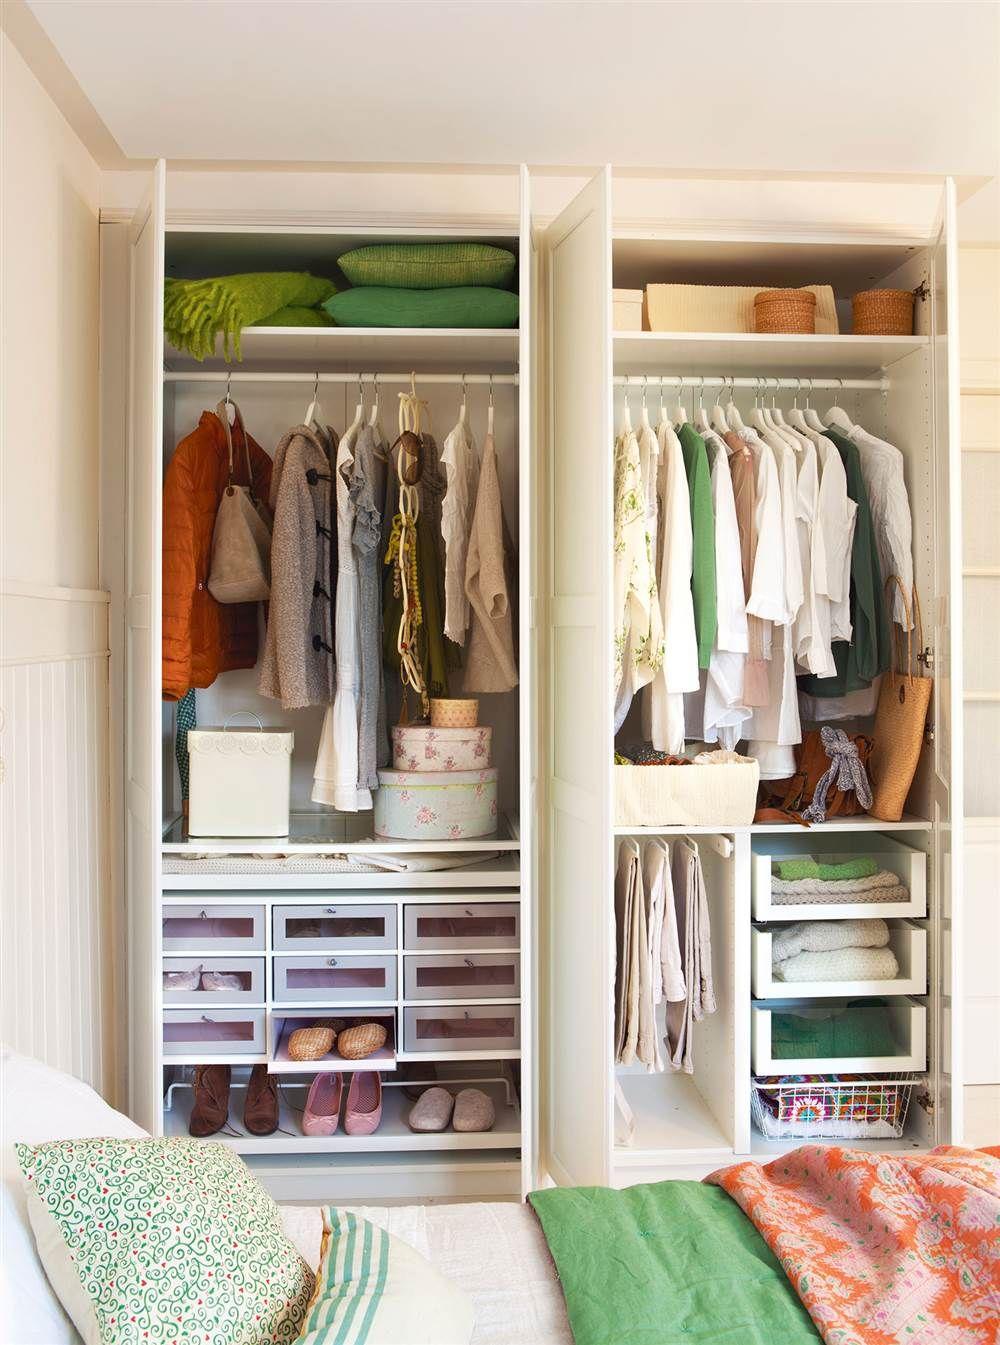 Adesivo Decorativo Para Vidro ~ Armario abierto con ropa ordenada Armarios y vestidores